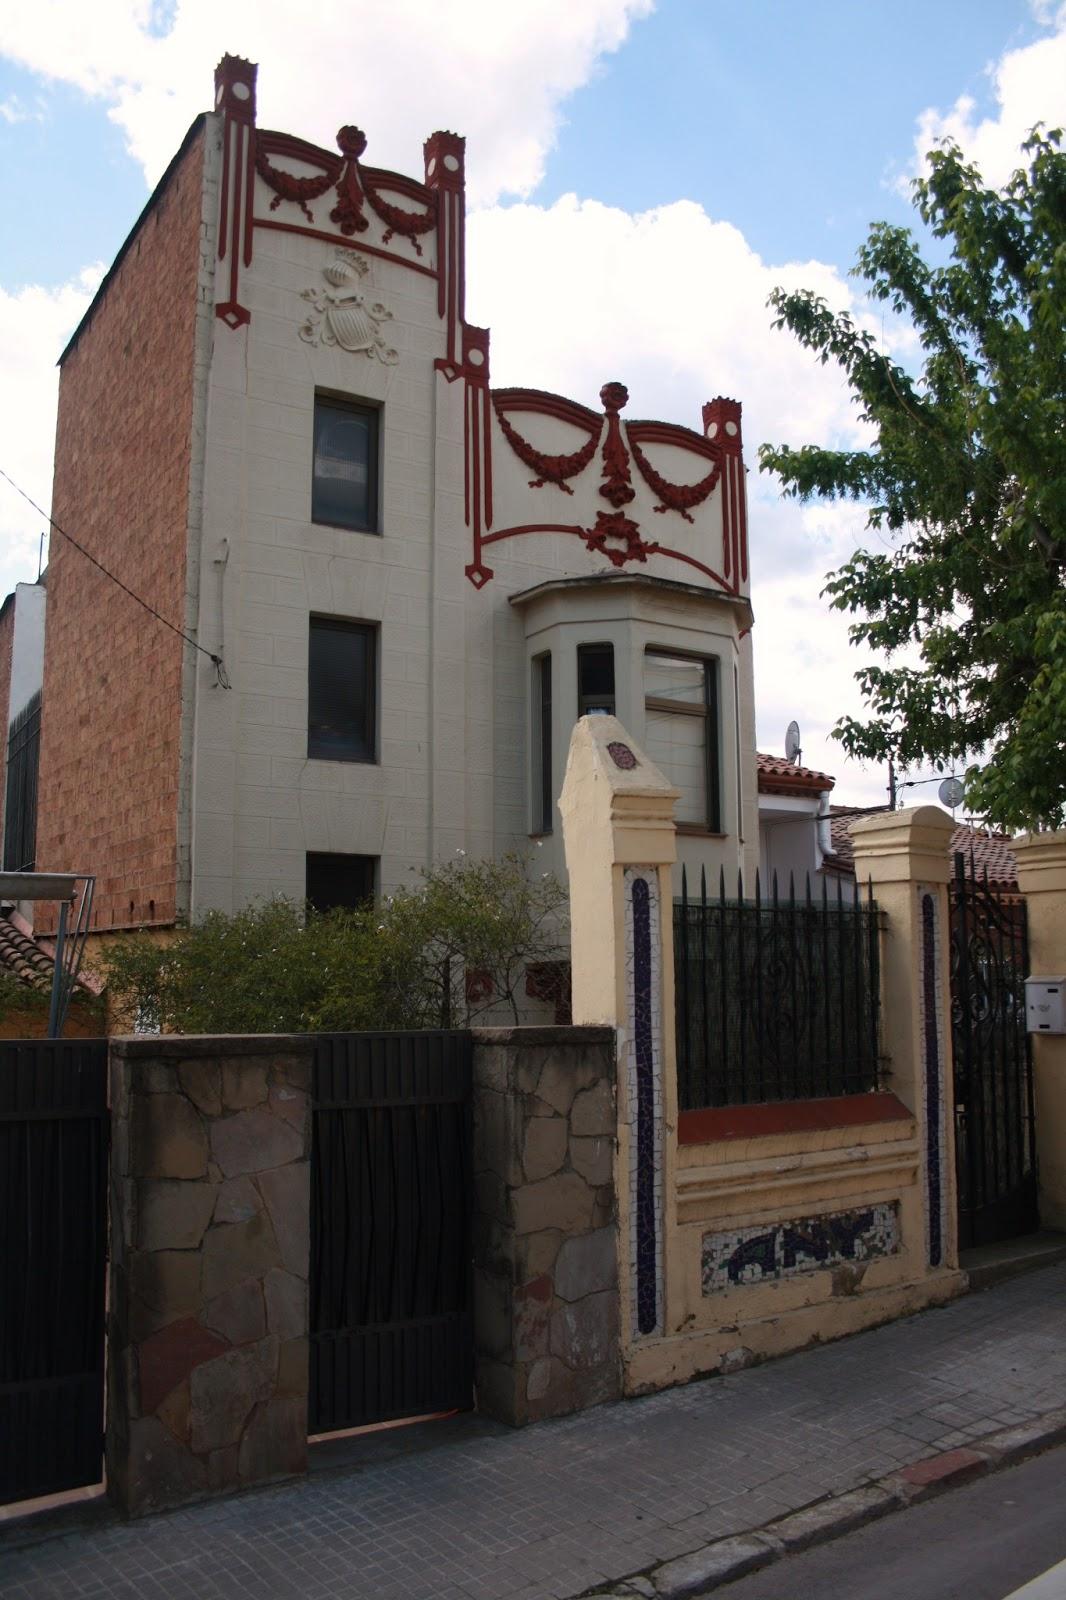 Tribuna del bergued el patrimoni inexplicat el papiol for Casas en el papiol